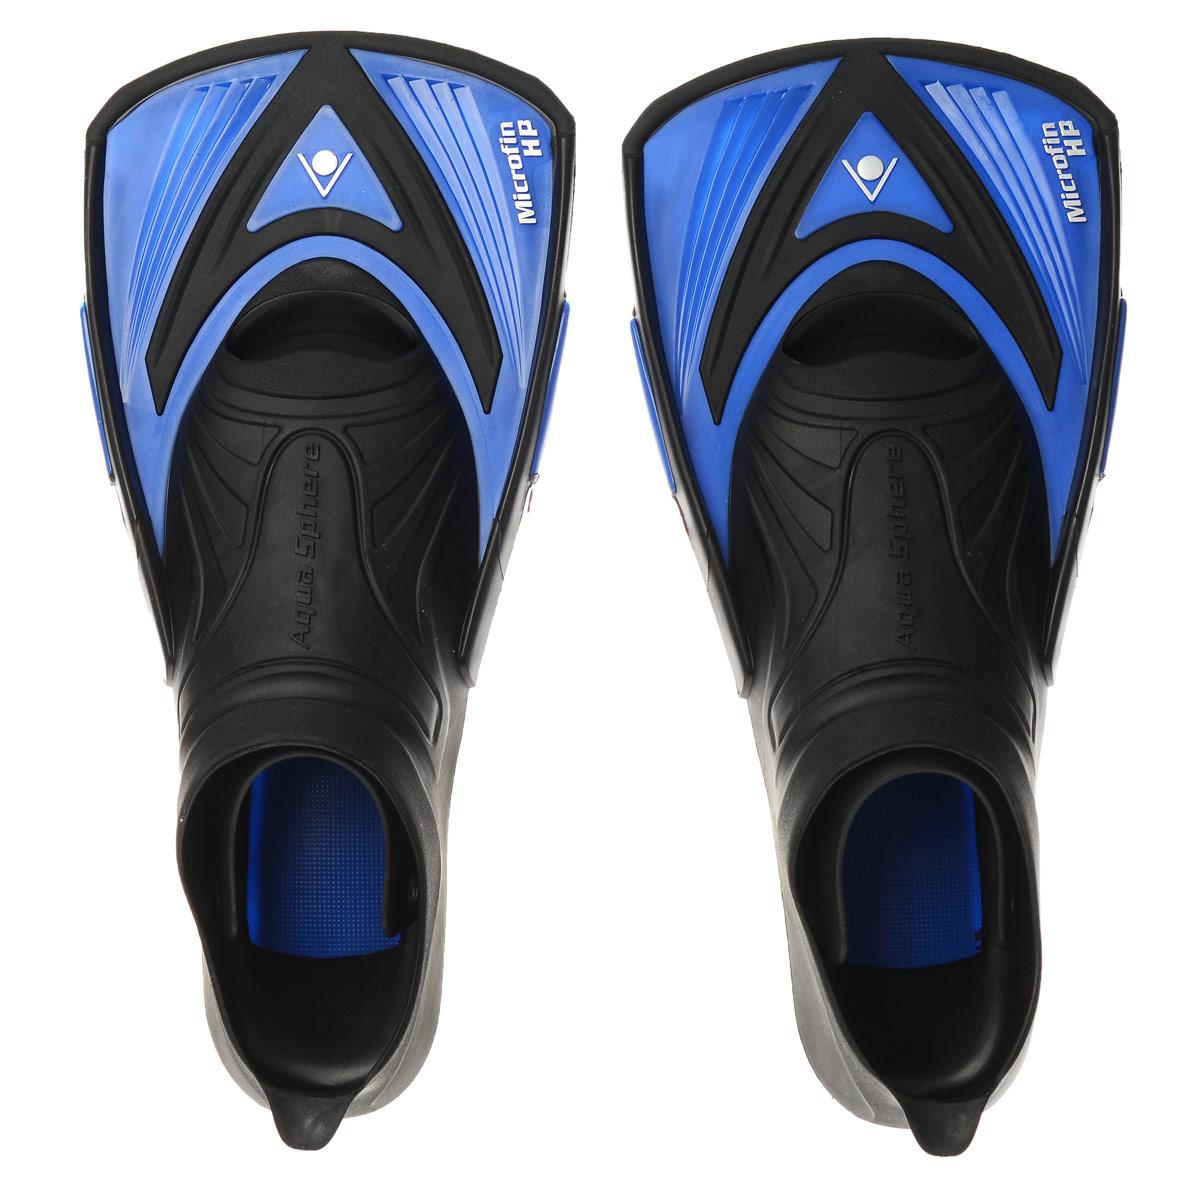 Ласты тренировочные Aqua Sphere Microfin HP, цвет: синий, черный. Размер 38/393B327Aqua Sphere Microfin HP - это ласты для энергичной манеры плавания, предназначенные для серьезных спортивных тренировок. Уникальный дизайн ласт обеспечивает достаточное сопротивление воды для силовых тренировок и поддерживает ноги близко к поверхности воды - таким образом, пловец занимает правильное положение, гарантирующее максимальную обтекаемость. Особенности:Галоша с закрытой пяткой выполнена из прочного термопластика.Короткие лопасти удерживают ноги пловца близко к поверхности воды.Позволяют развивать силу мышц и поддерживать их в тонусе, одновременно совершенствуя технику плавания.